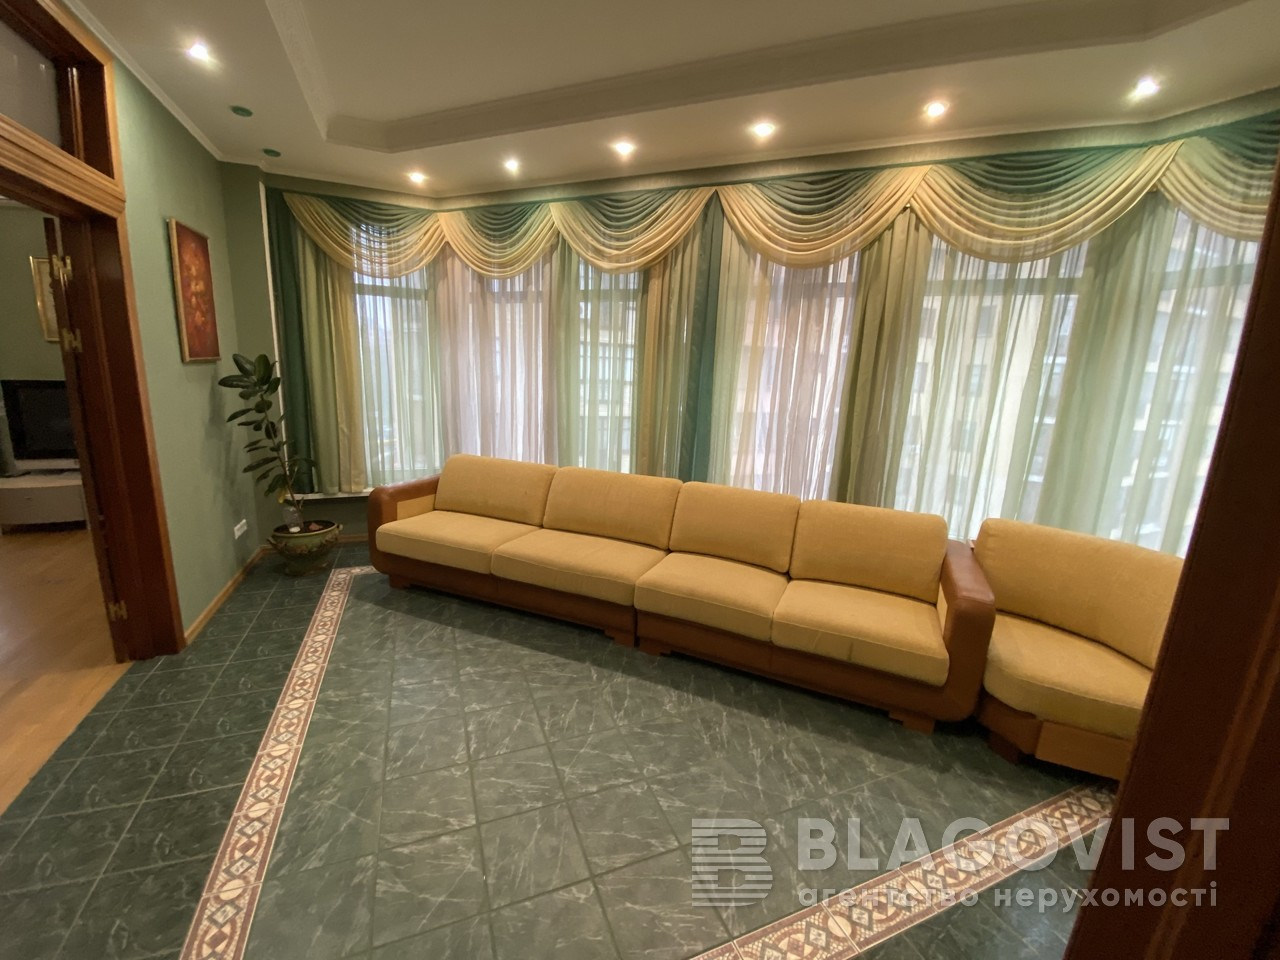 Квартира F-27157, Коновальца Евгения (Щорса), 32а, Киев - Фото 7